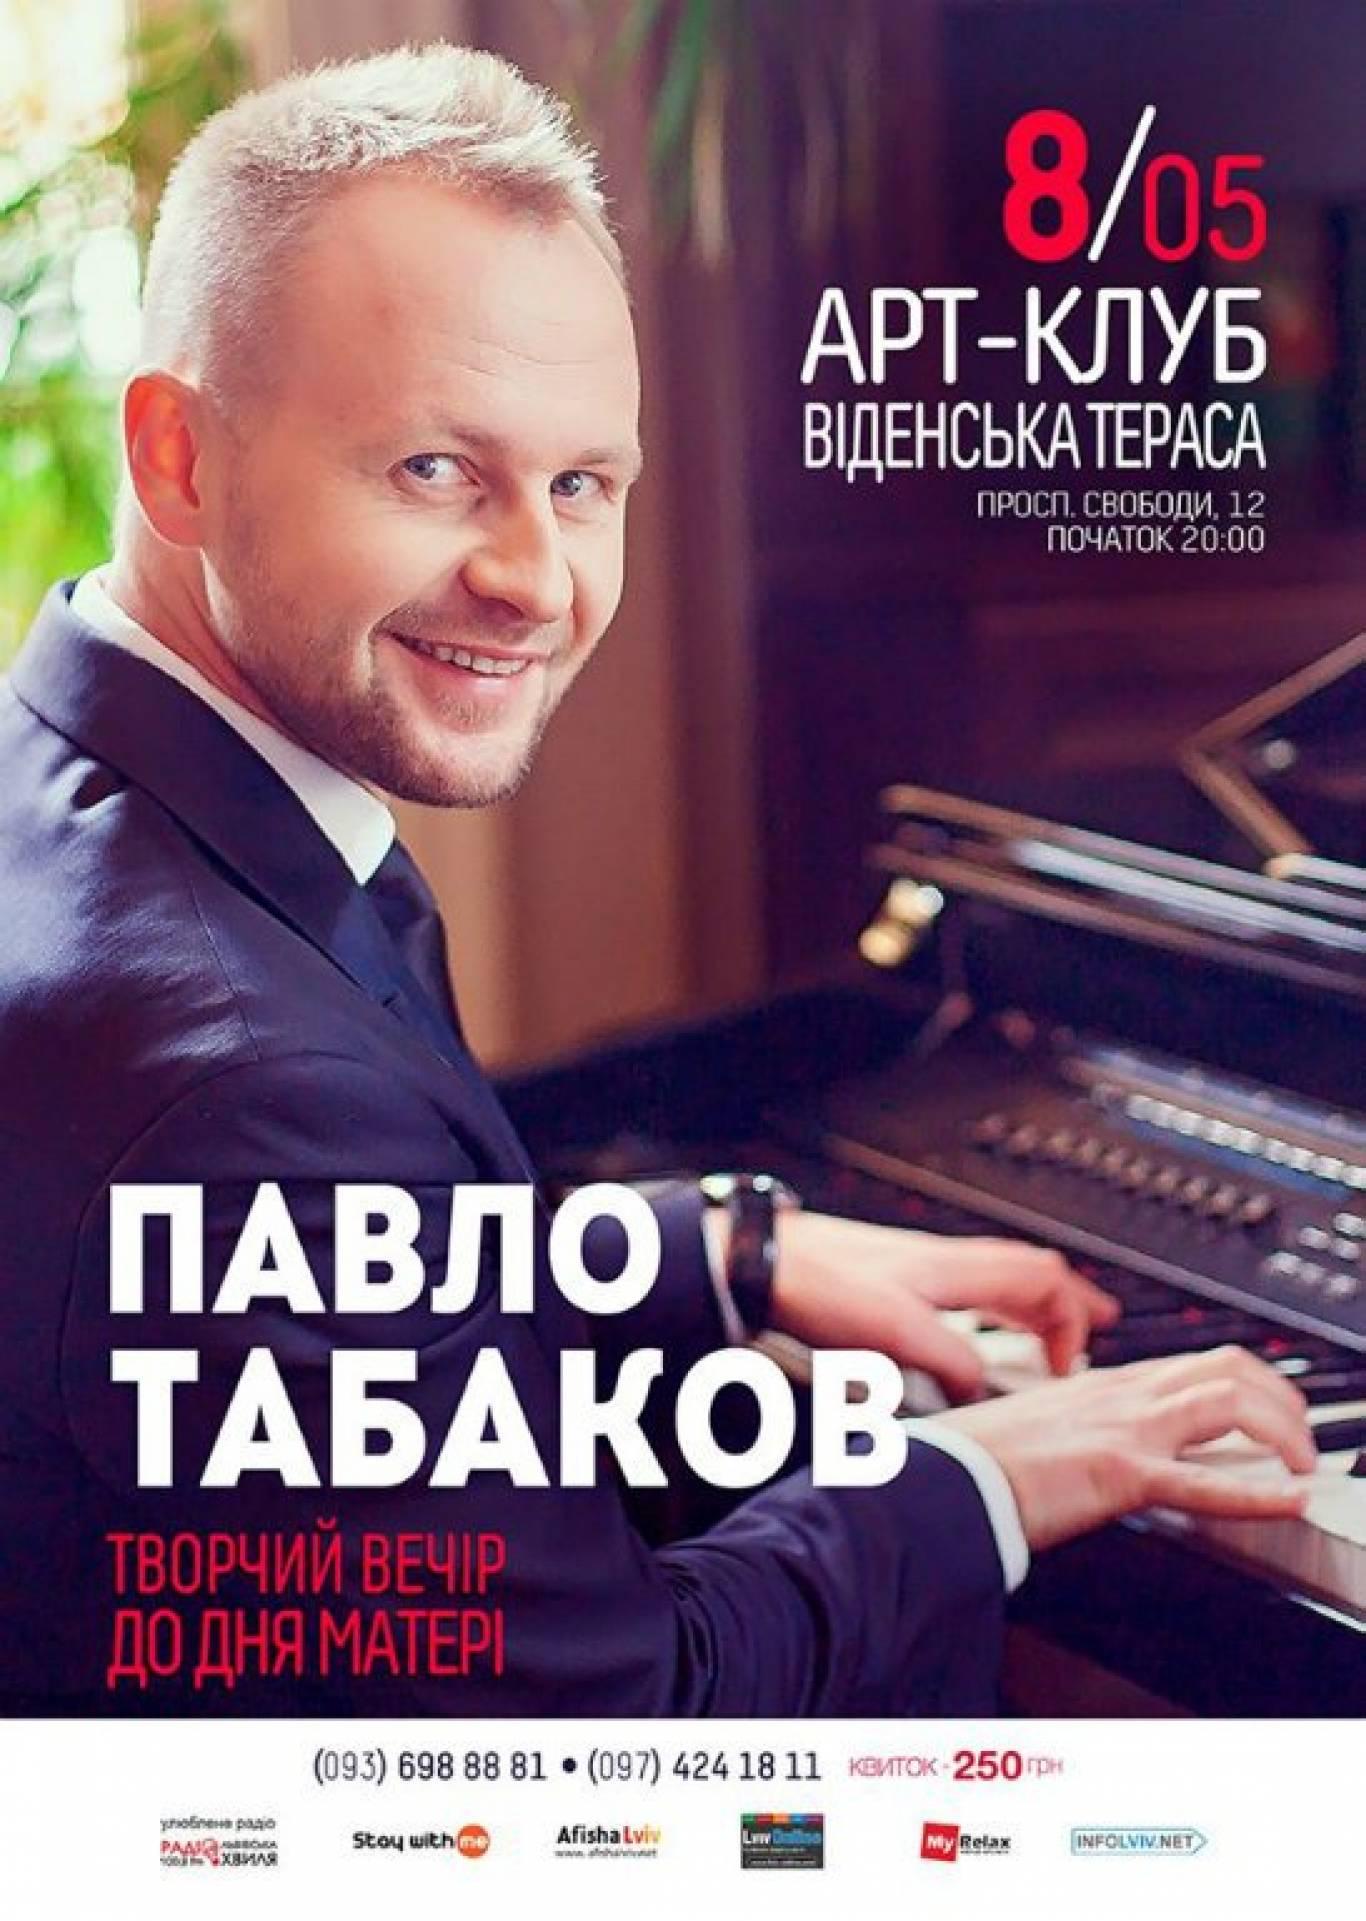 Творча зустріч Павла Табакова